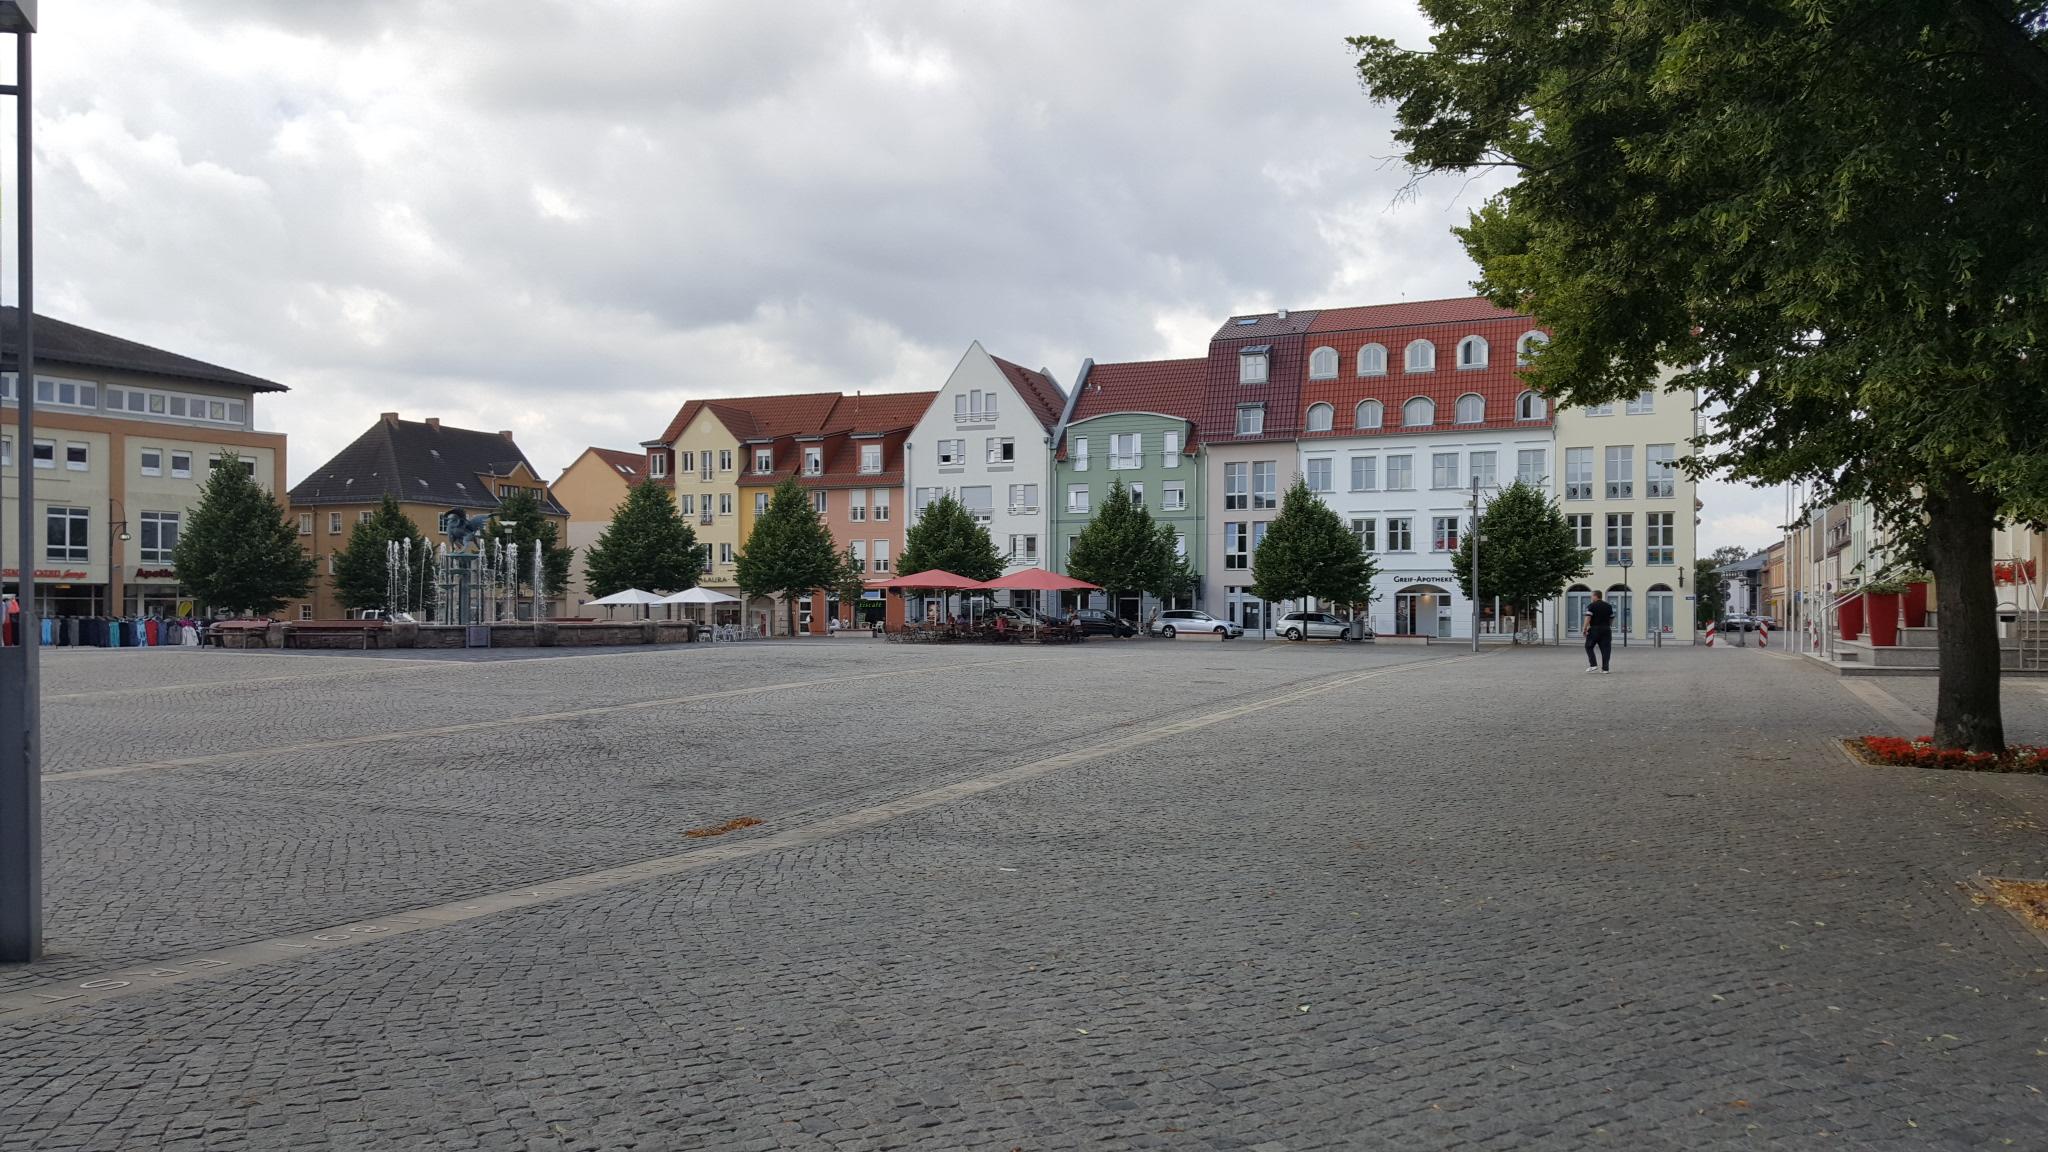 Anklam Marktplatz